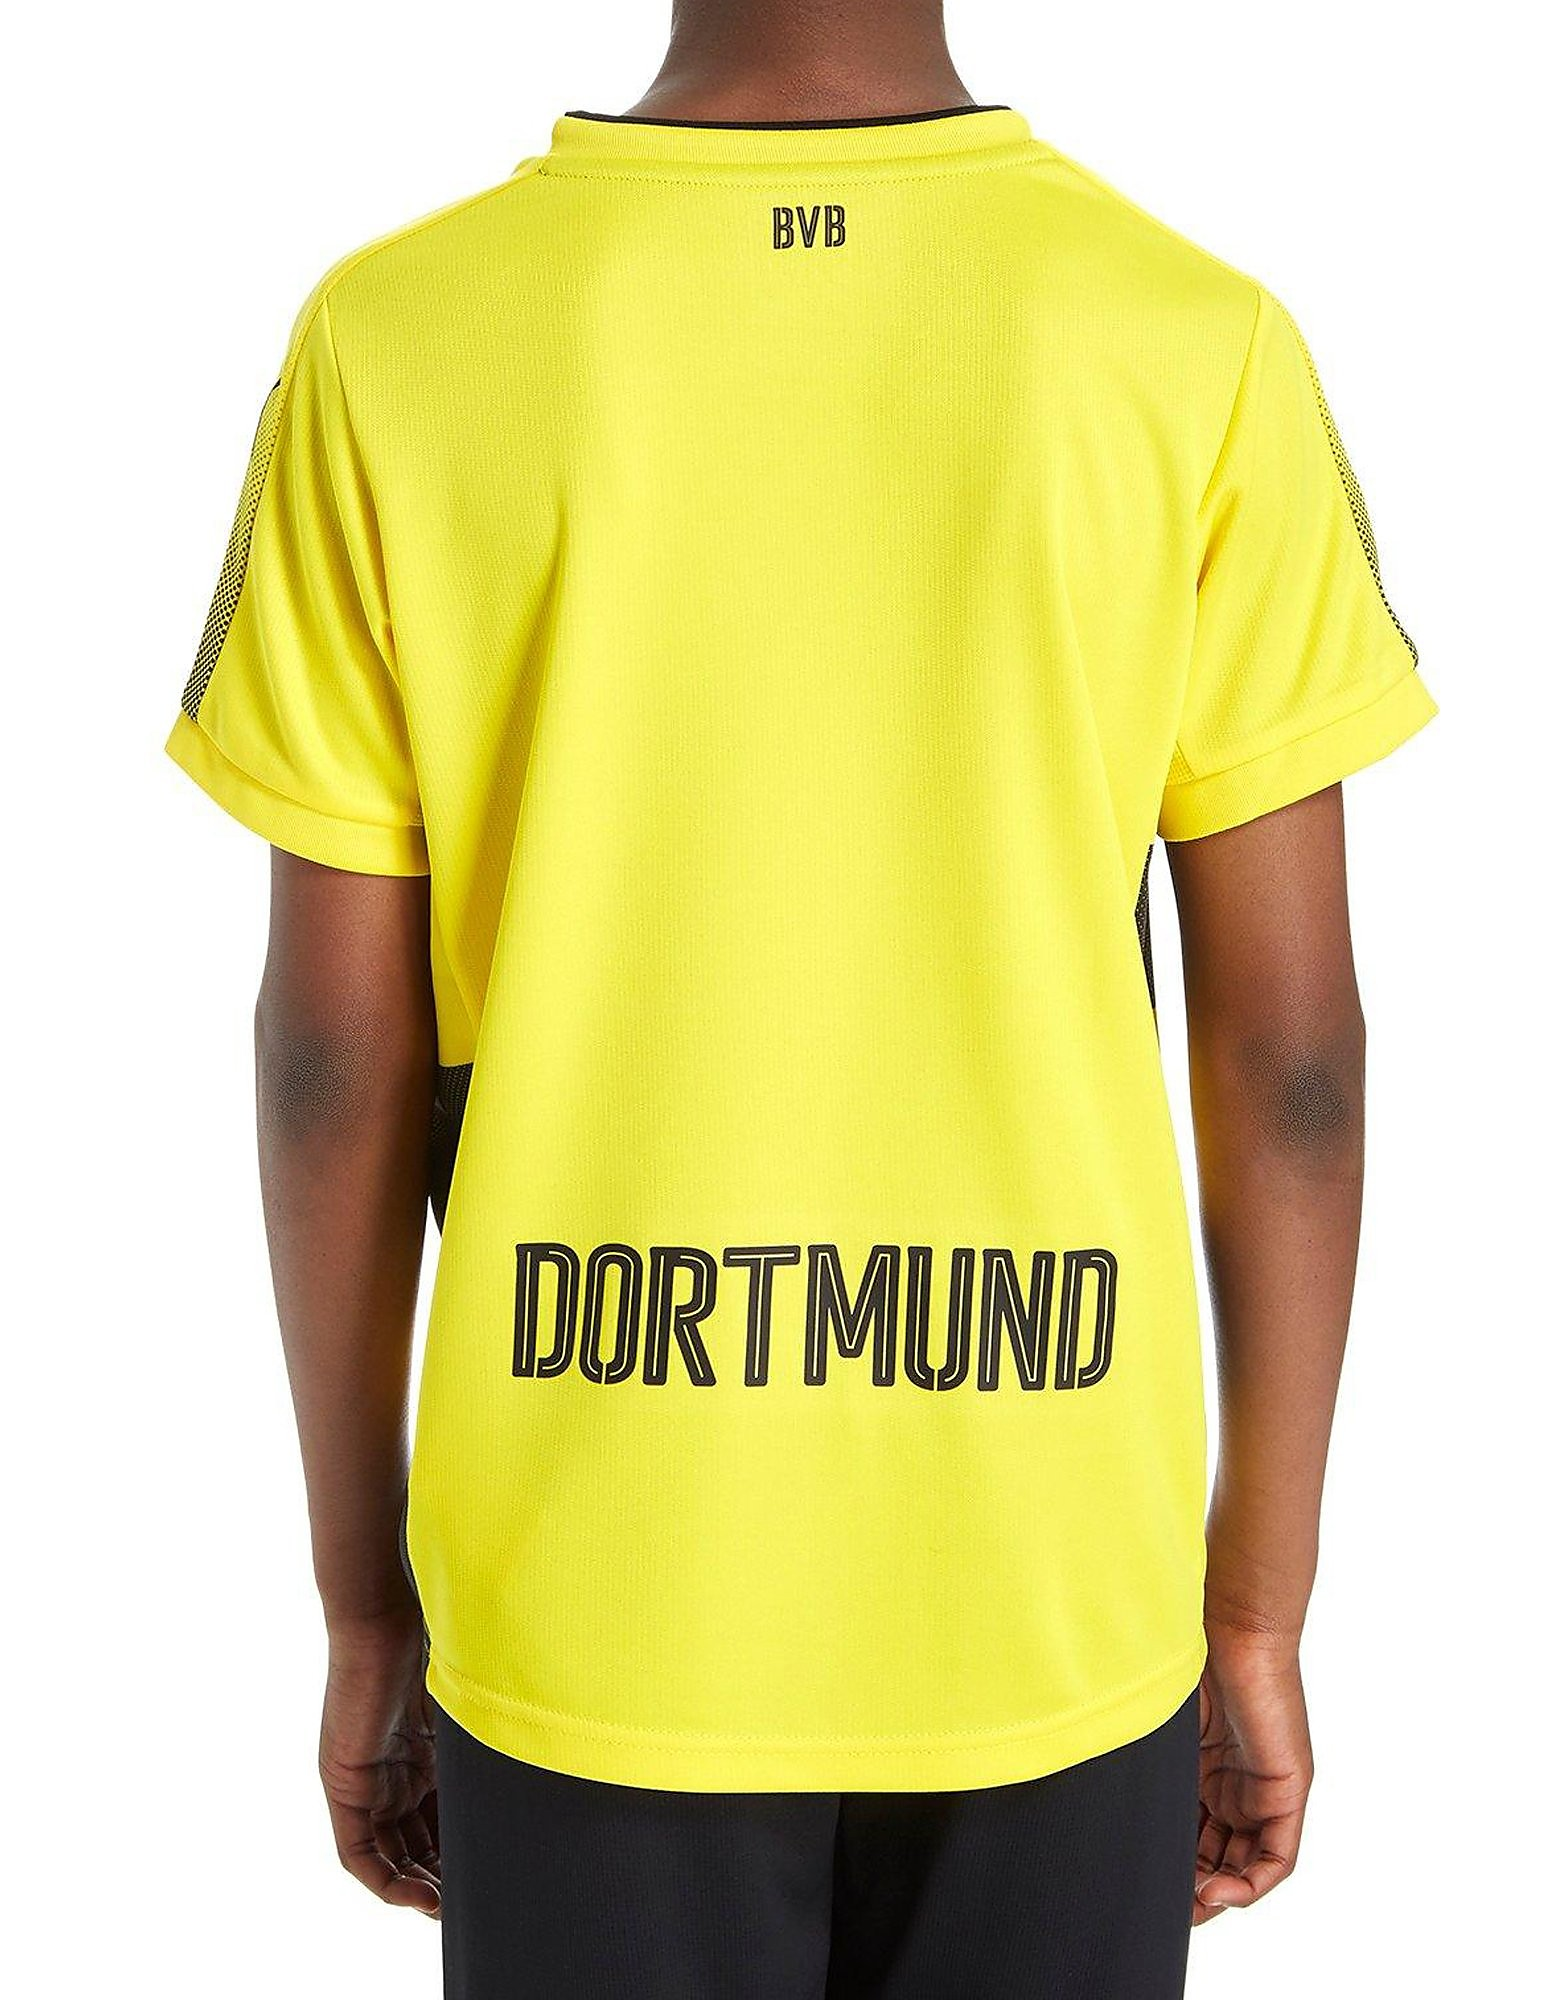 PUMA Borussia Dortmund 2017/18 Home Shirt Junior